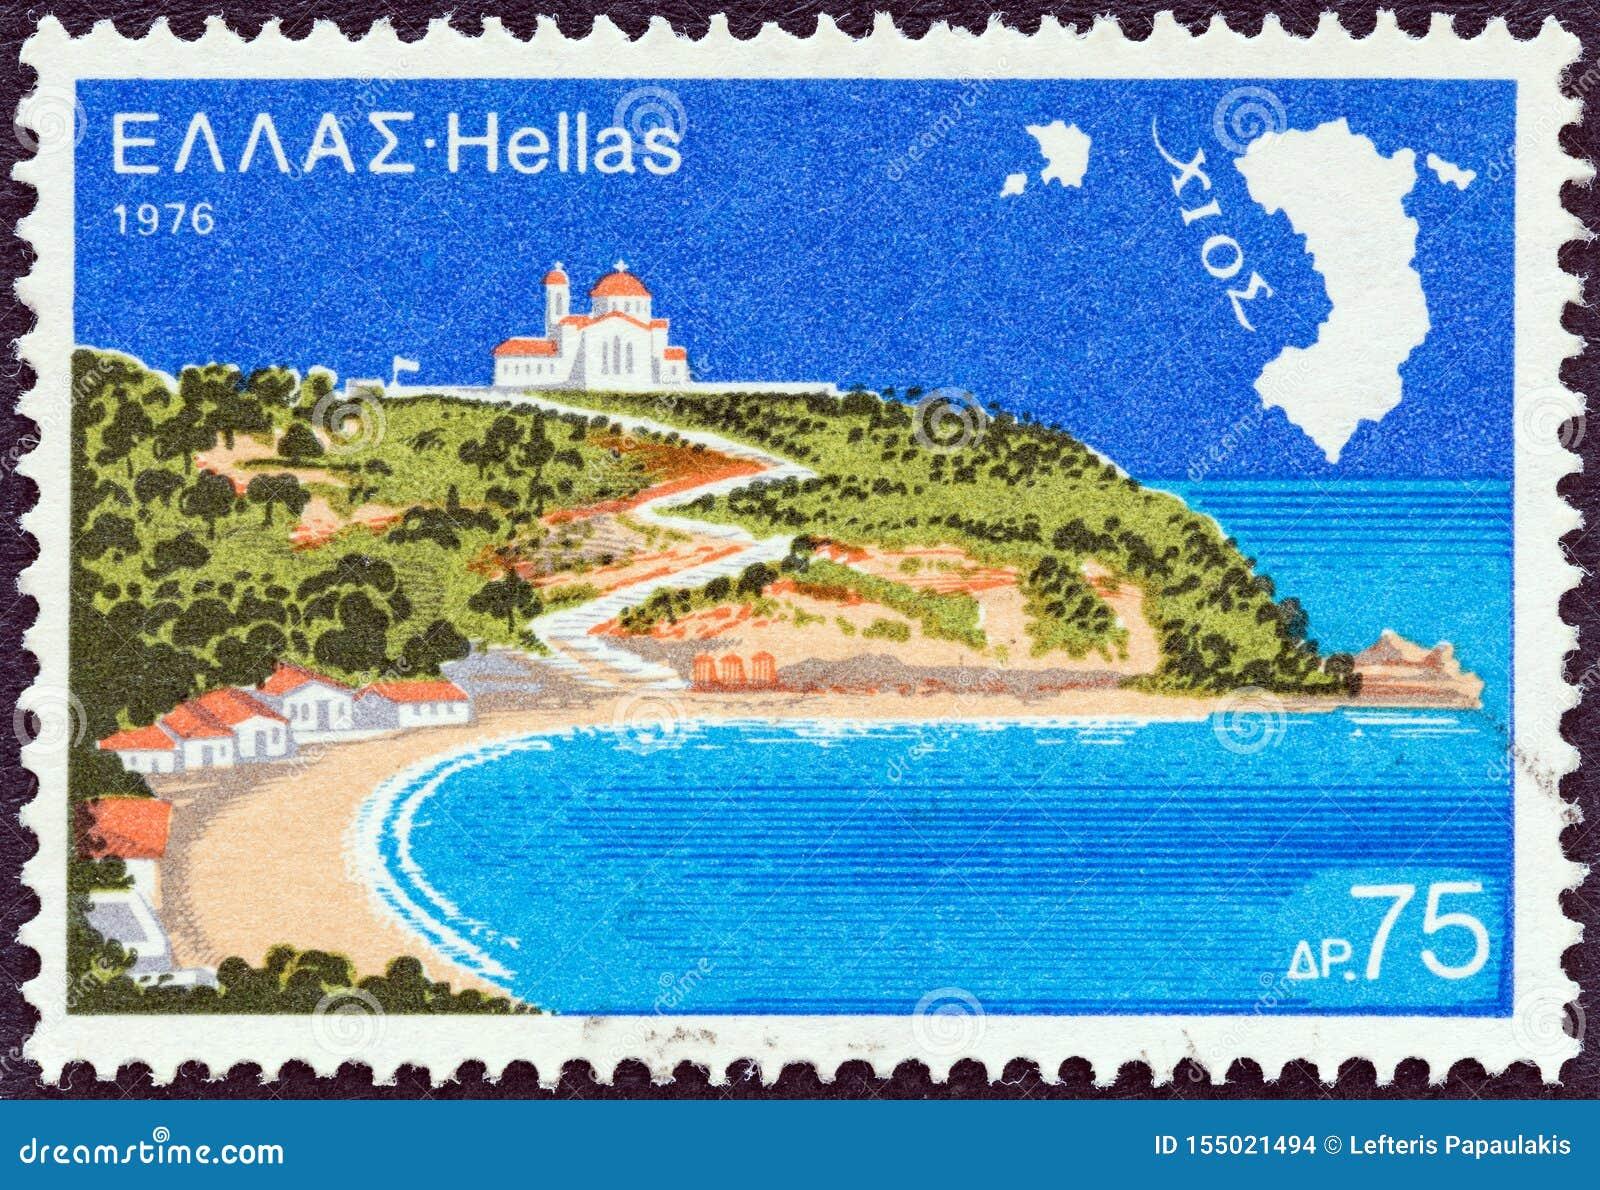 GRECJA - OKOŁO 1976: Znaczek drukujący w Grecja pokazuje Chios wyspę około 1976,